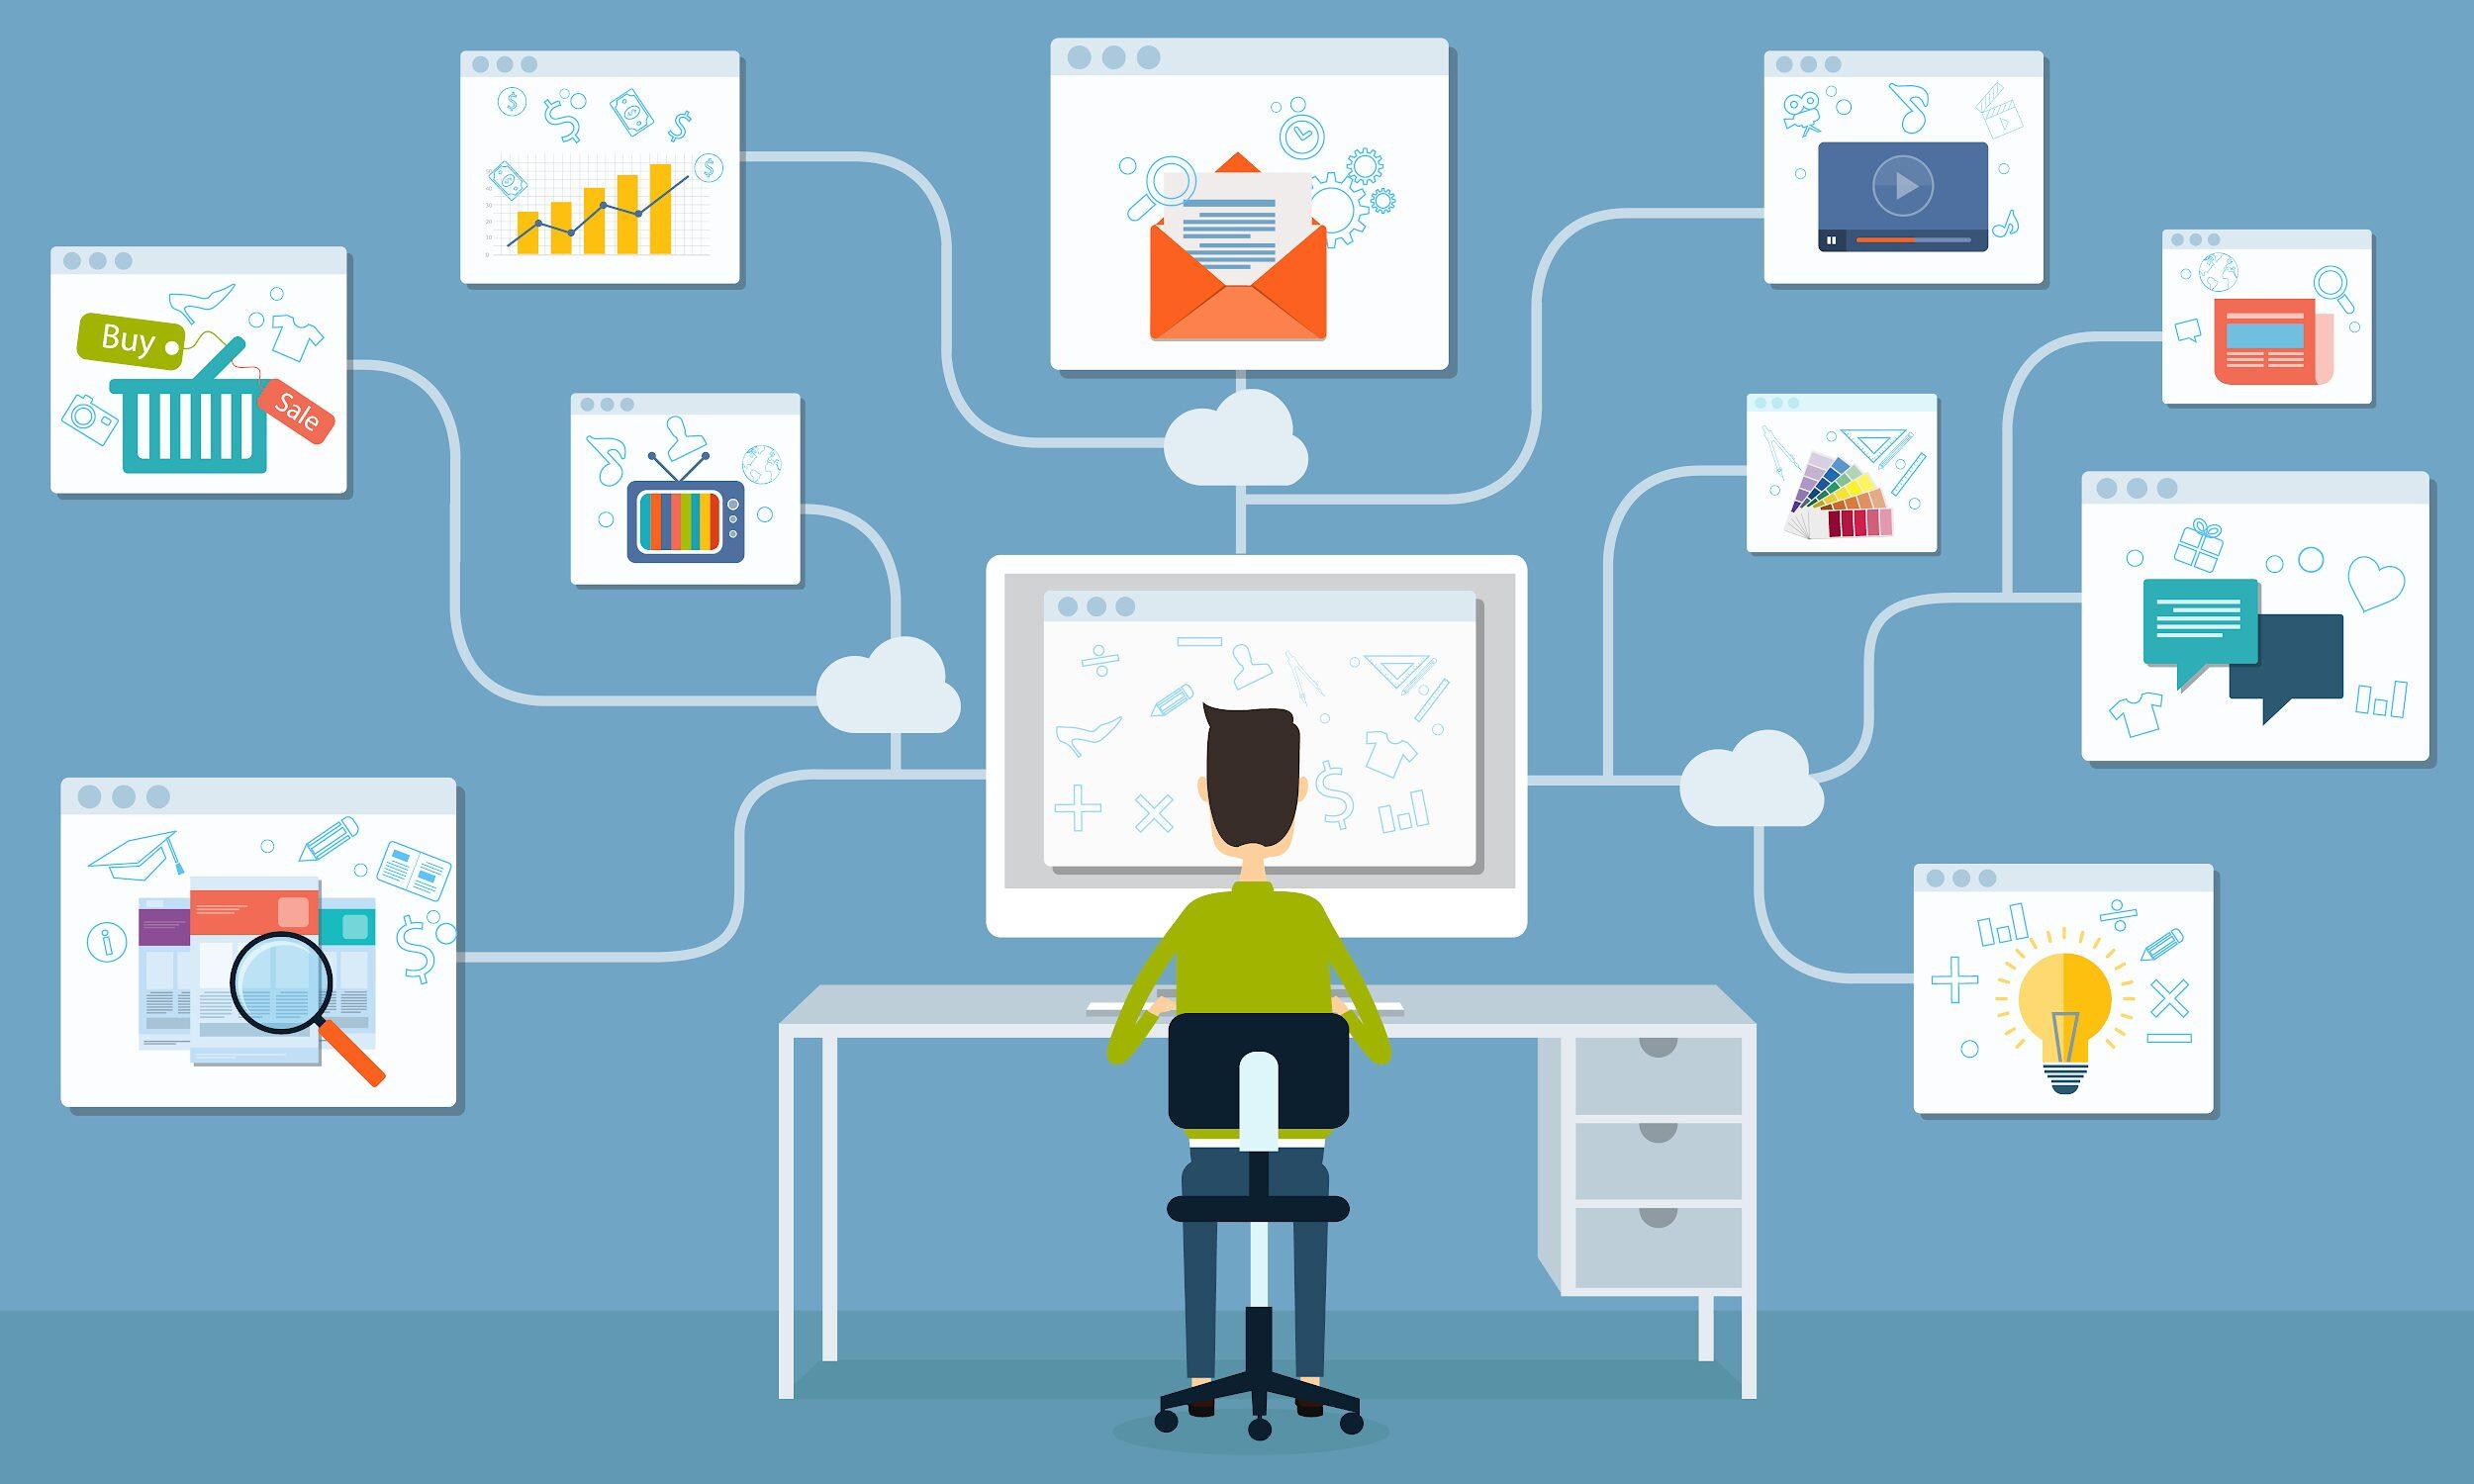 Khóa học online được thiết kế phù hợp với nhiều đối tượng